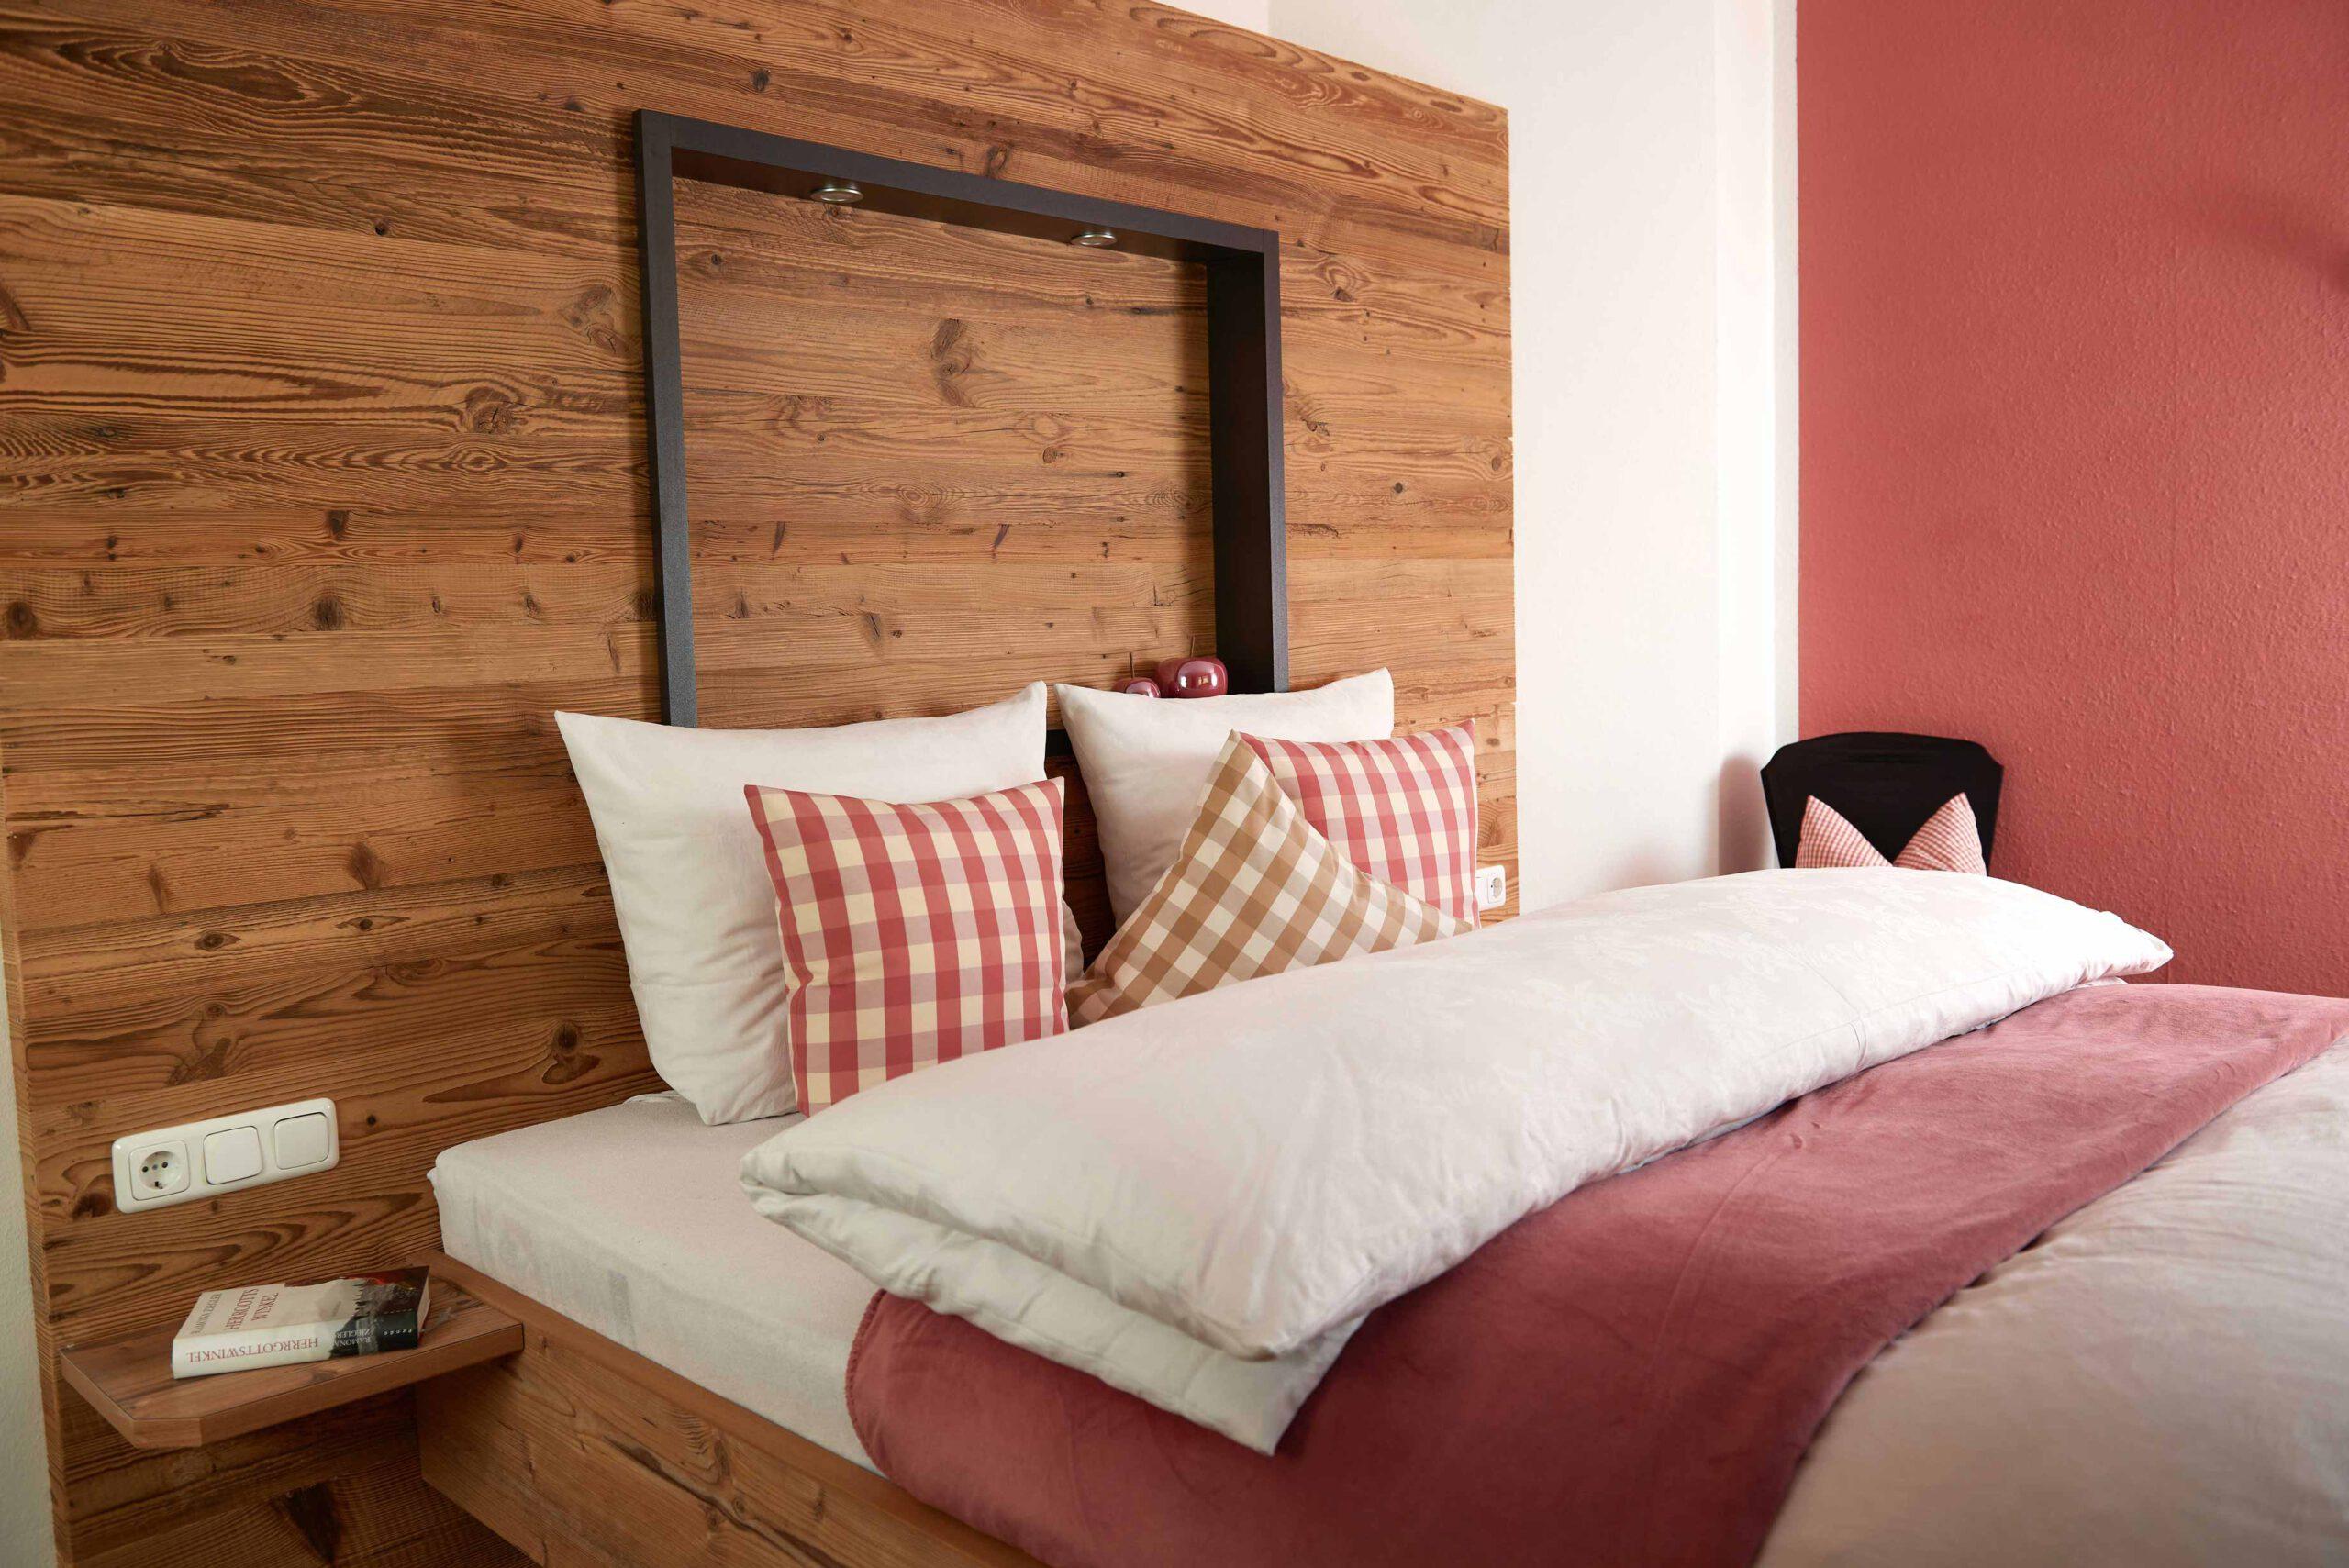 Holzbett mit großem Holz-Kopfteil und rot-weißer Bettwäsche